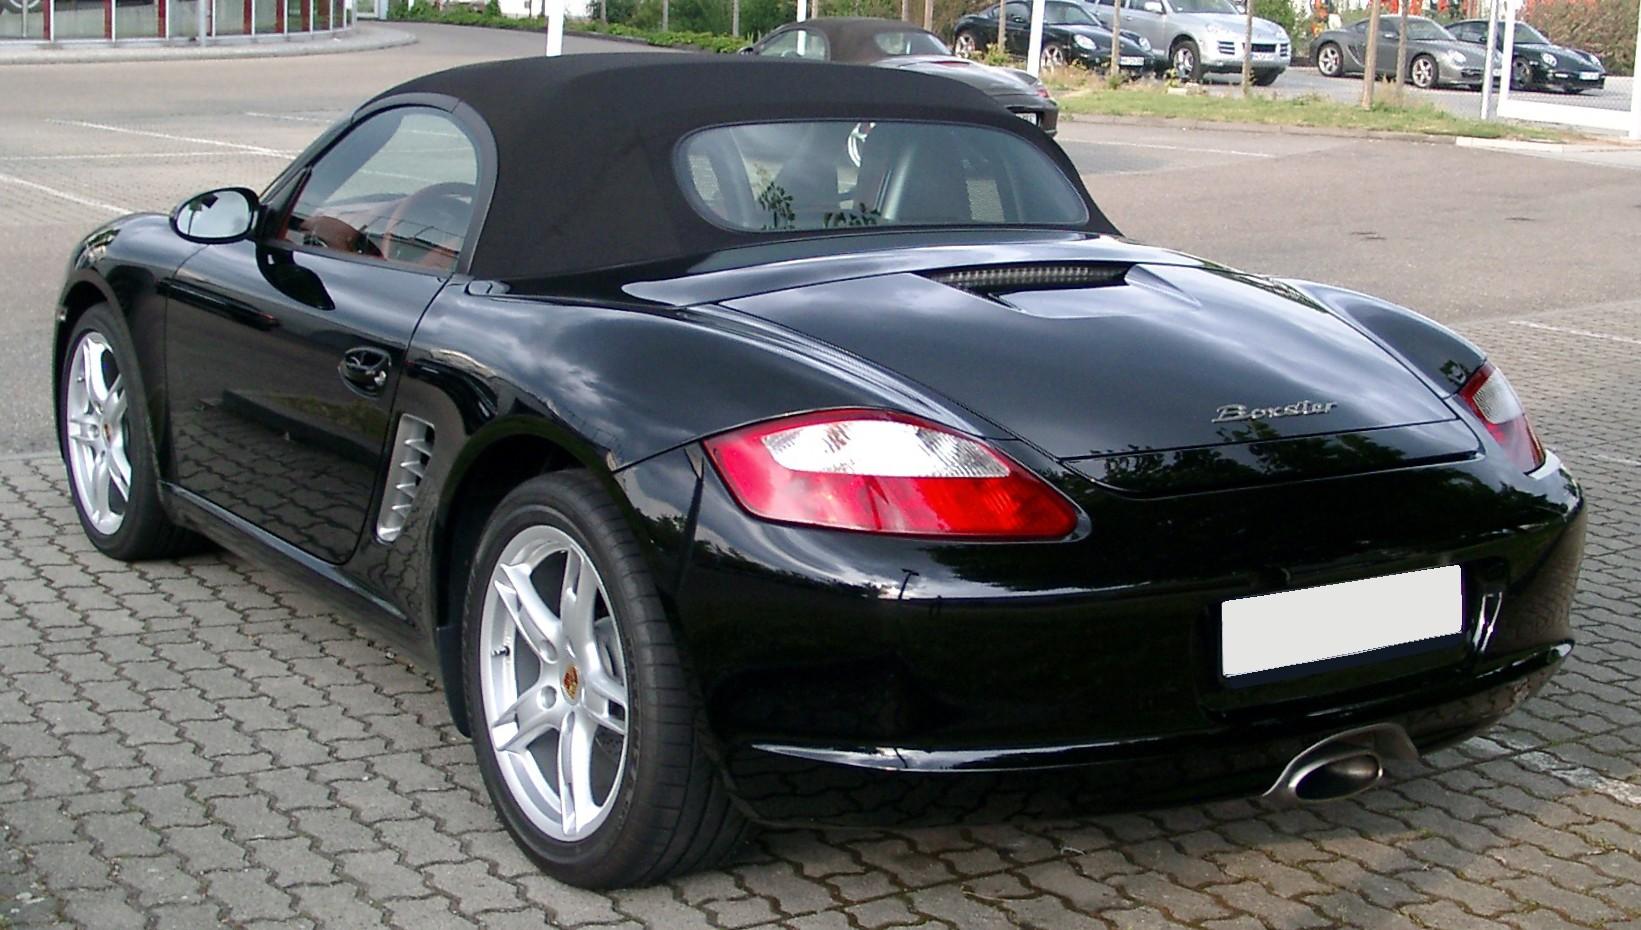 File:Porsche Boxster rear 20080521.jpg - Wikimedia Commons